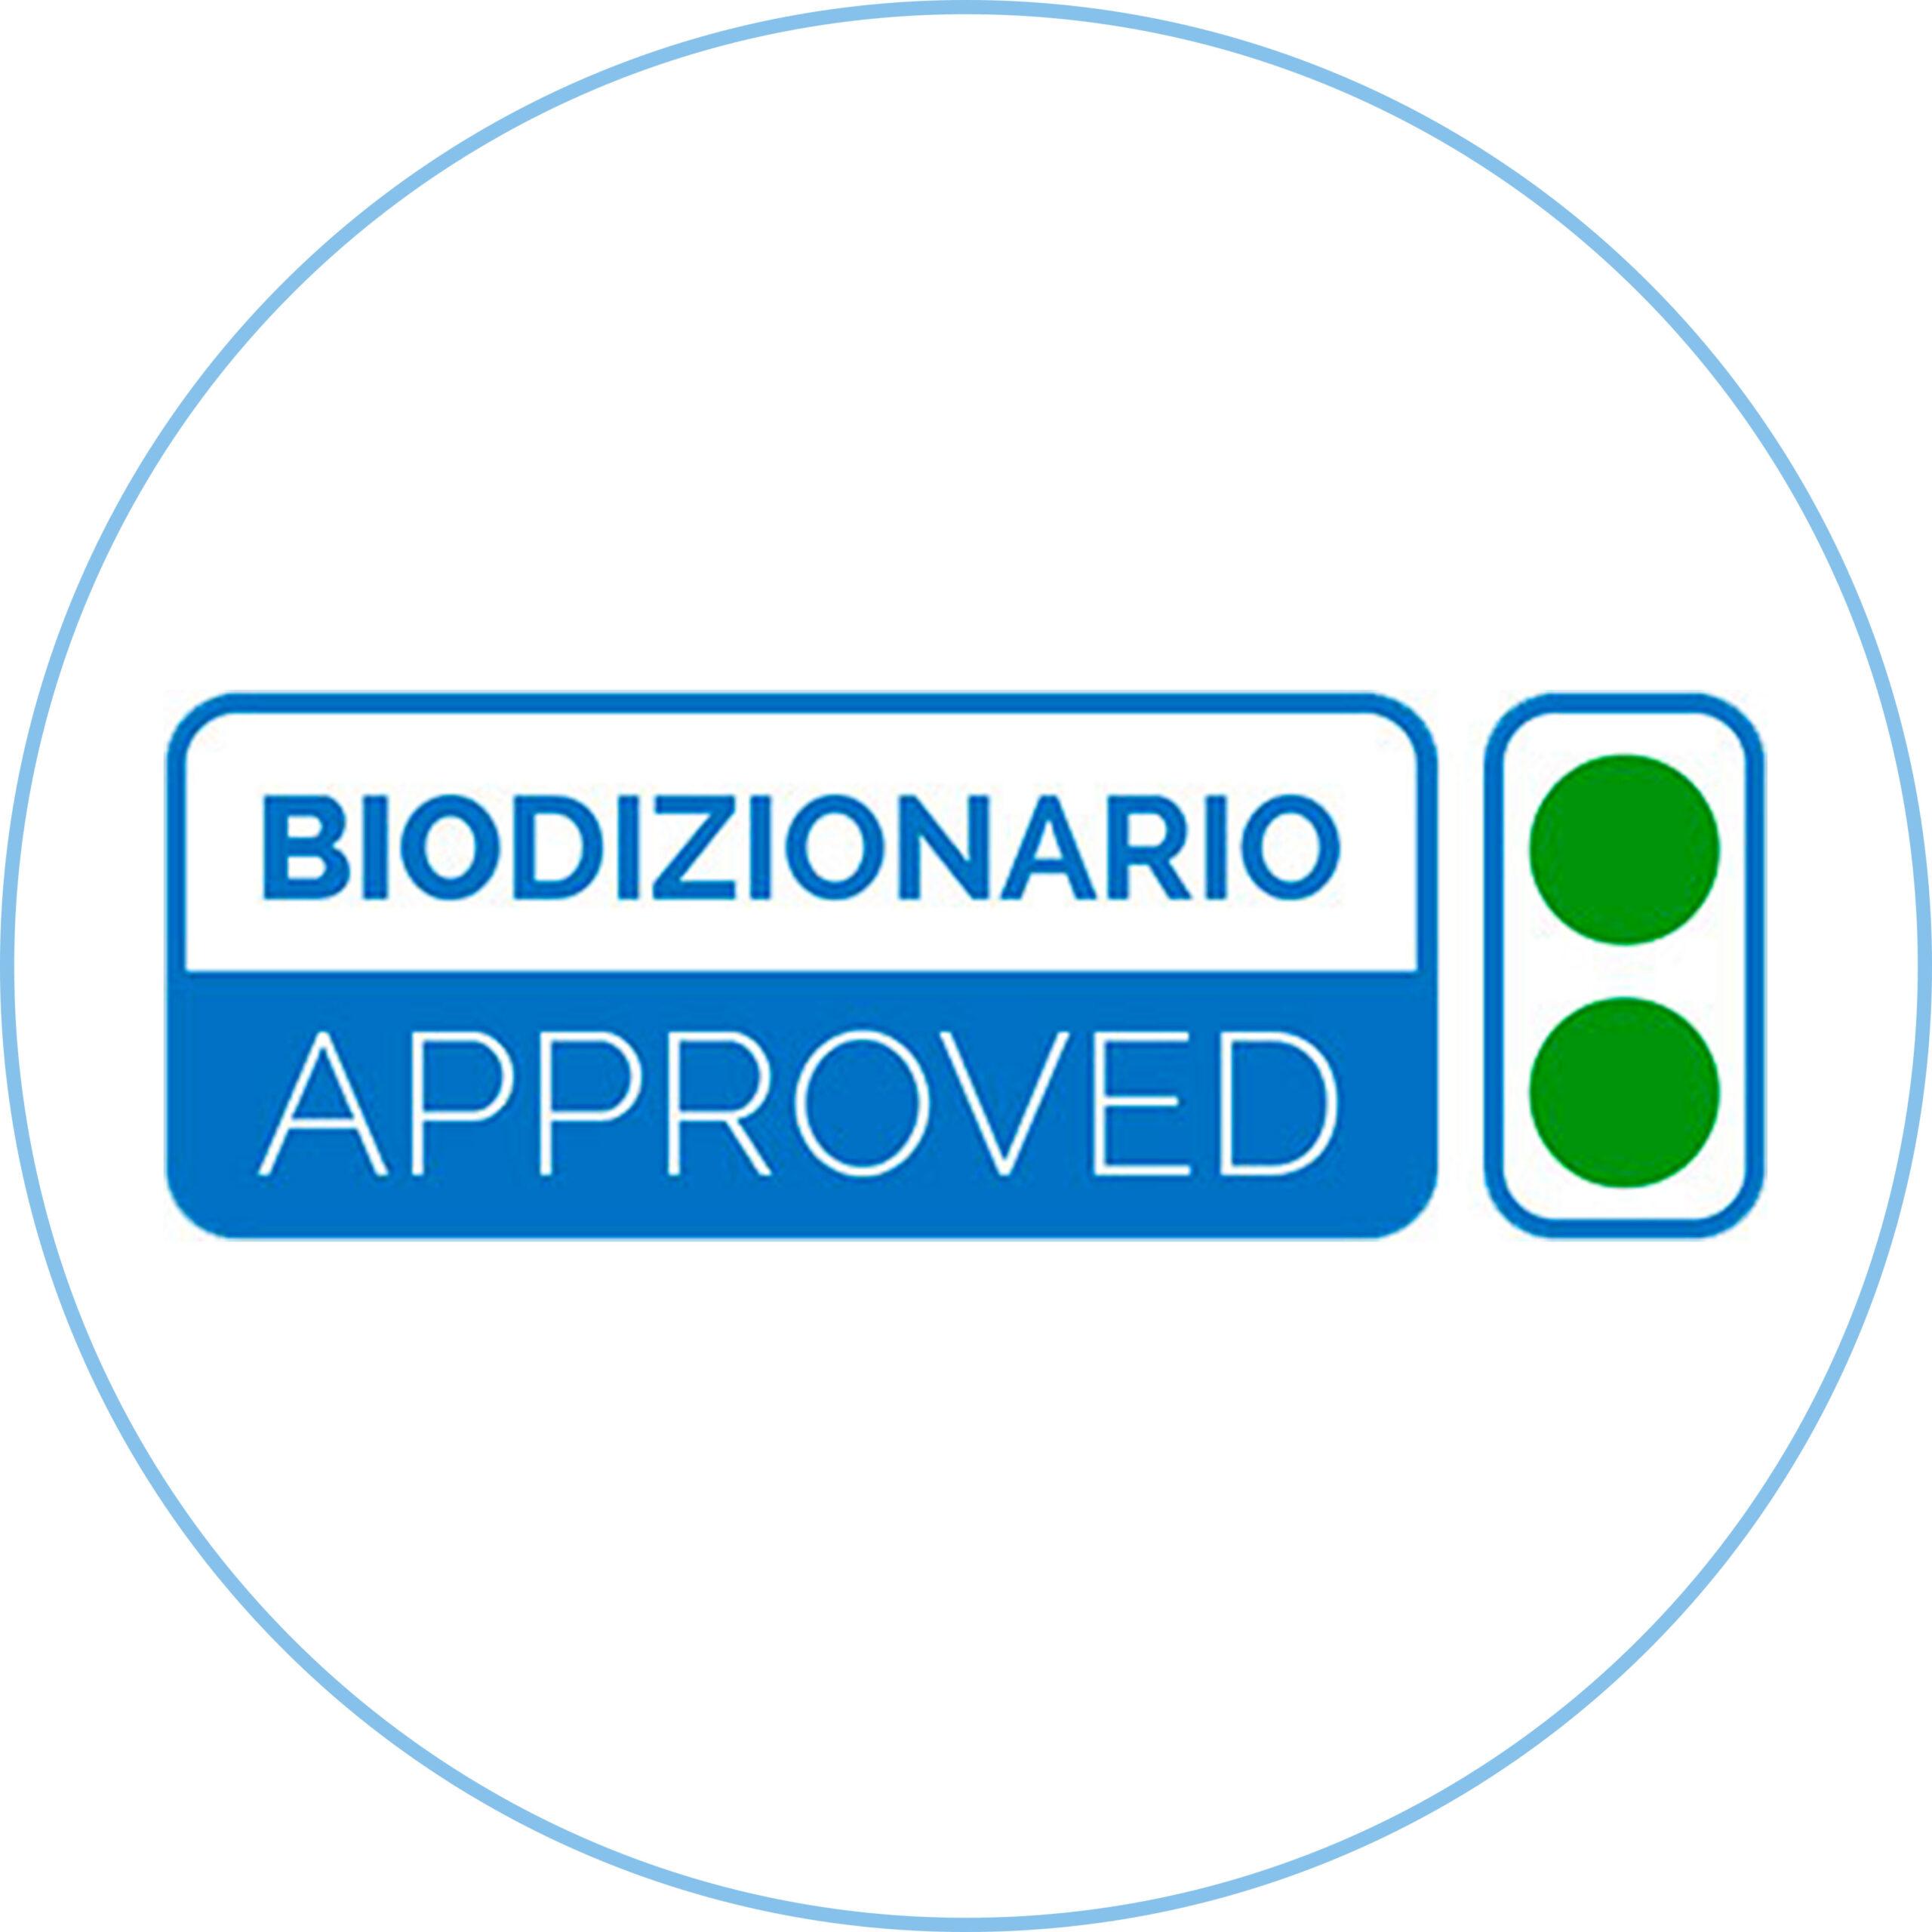 biodizionario-approved-S2Life